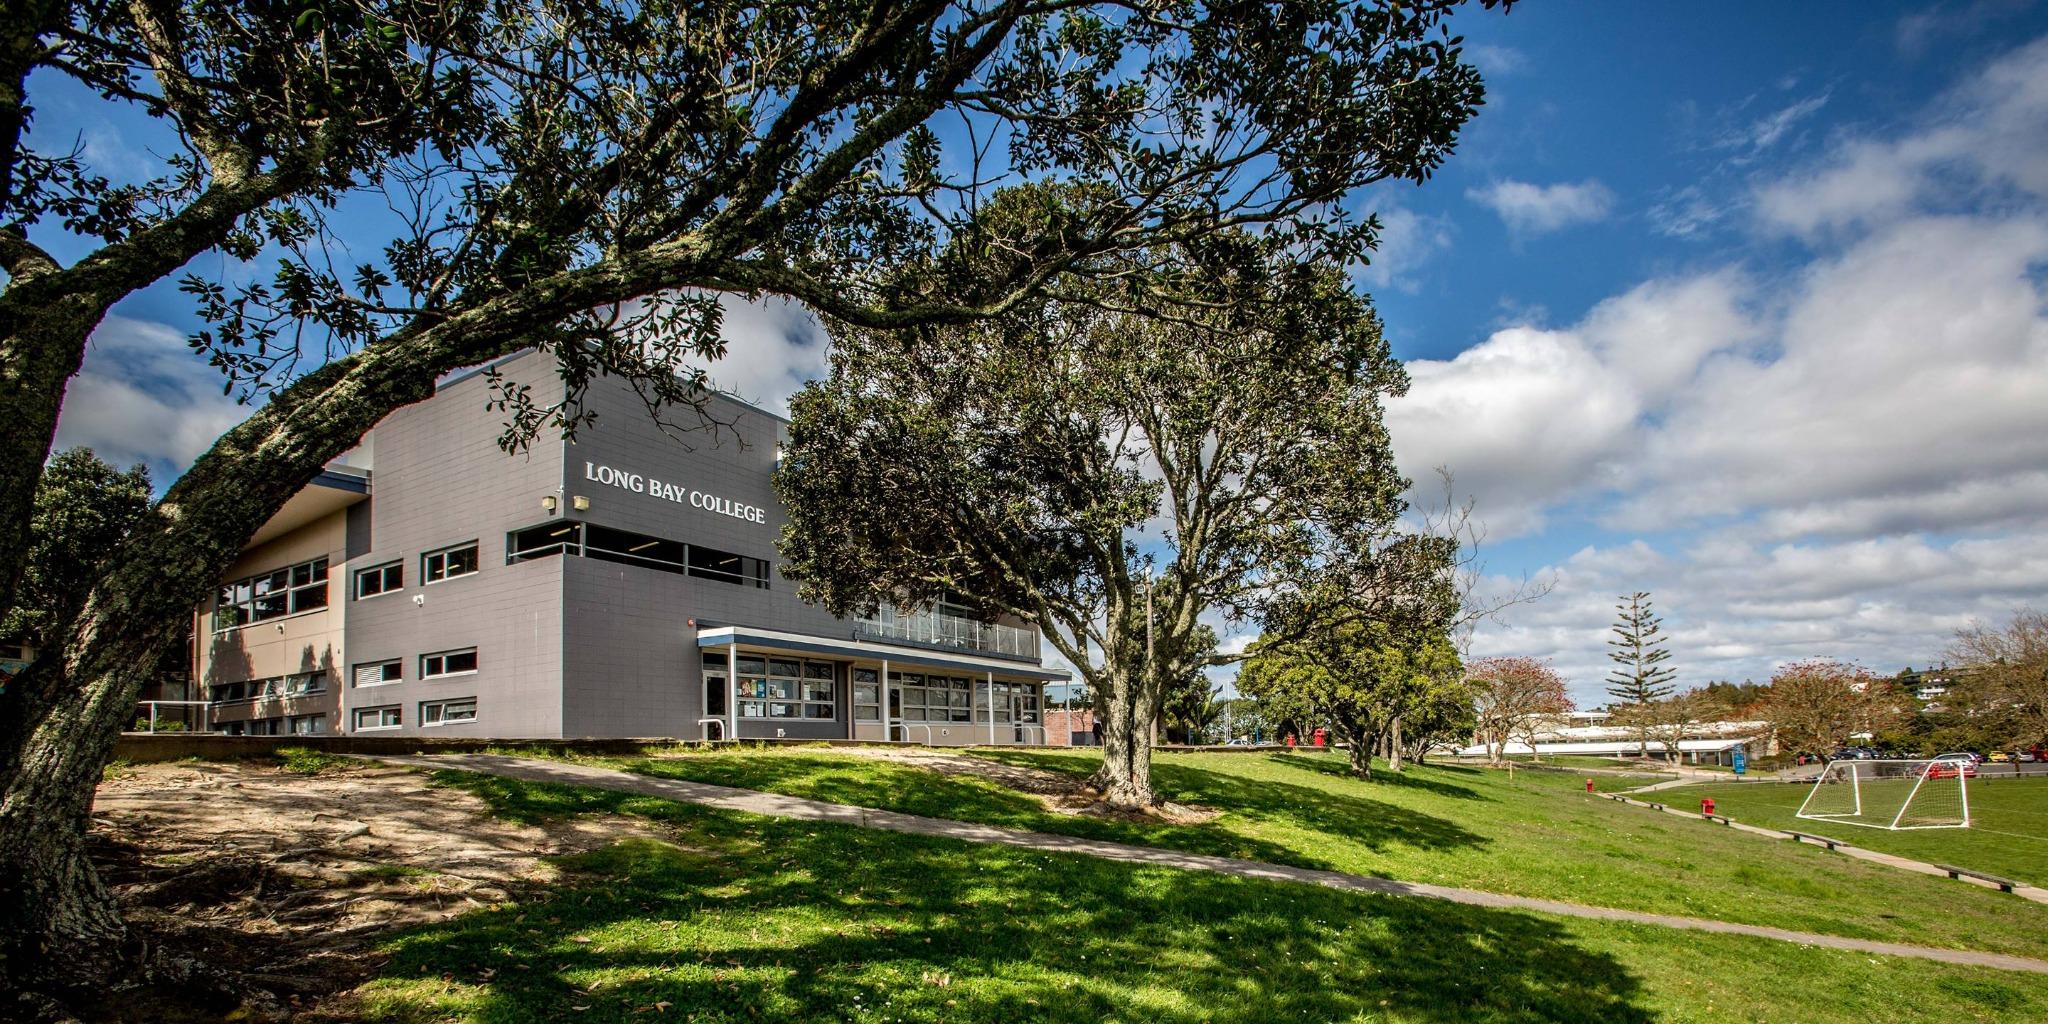 ニュージーランド高校留学 オークランド 公立高校 Long Bay College